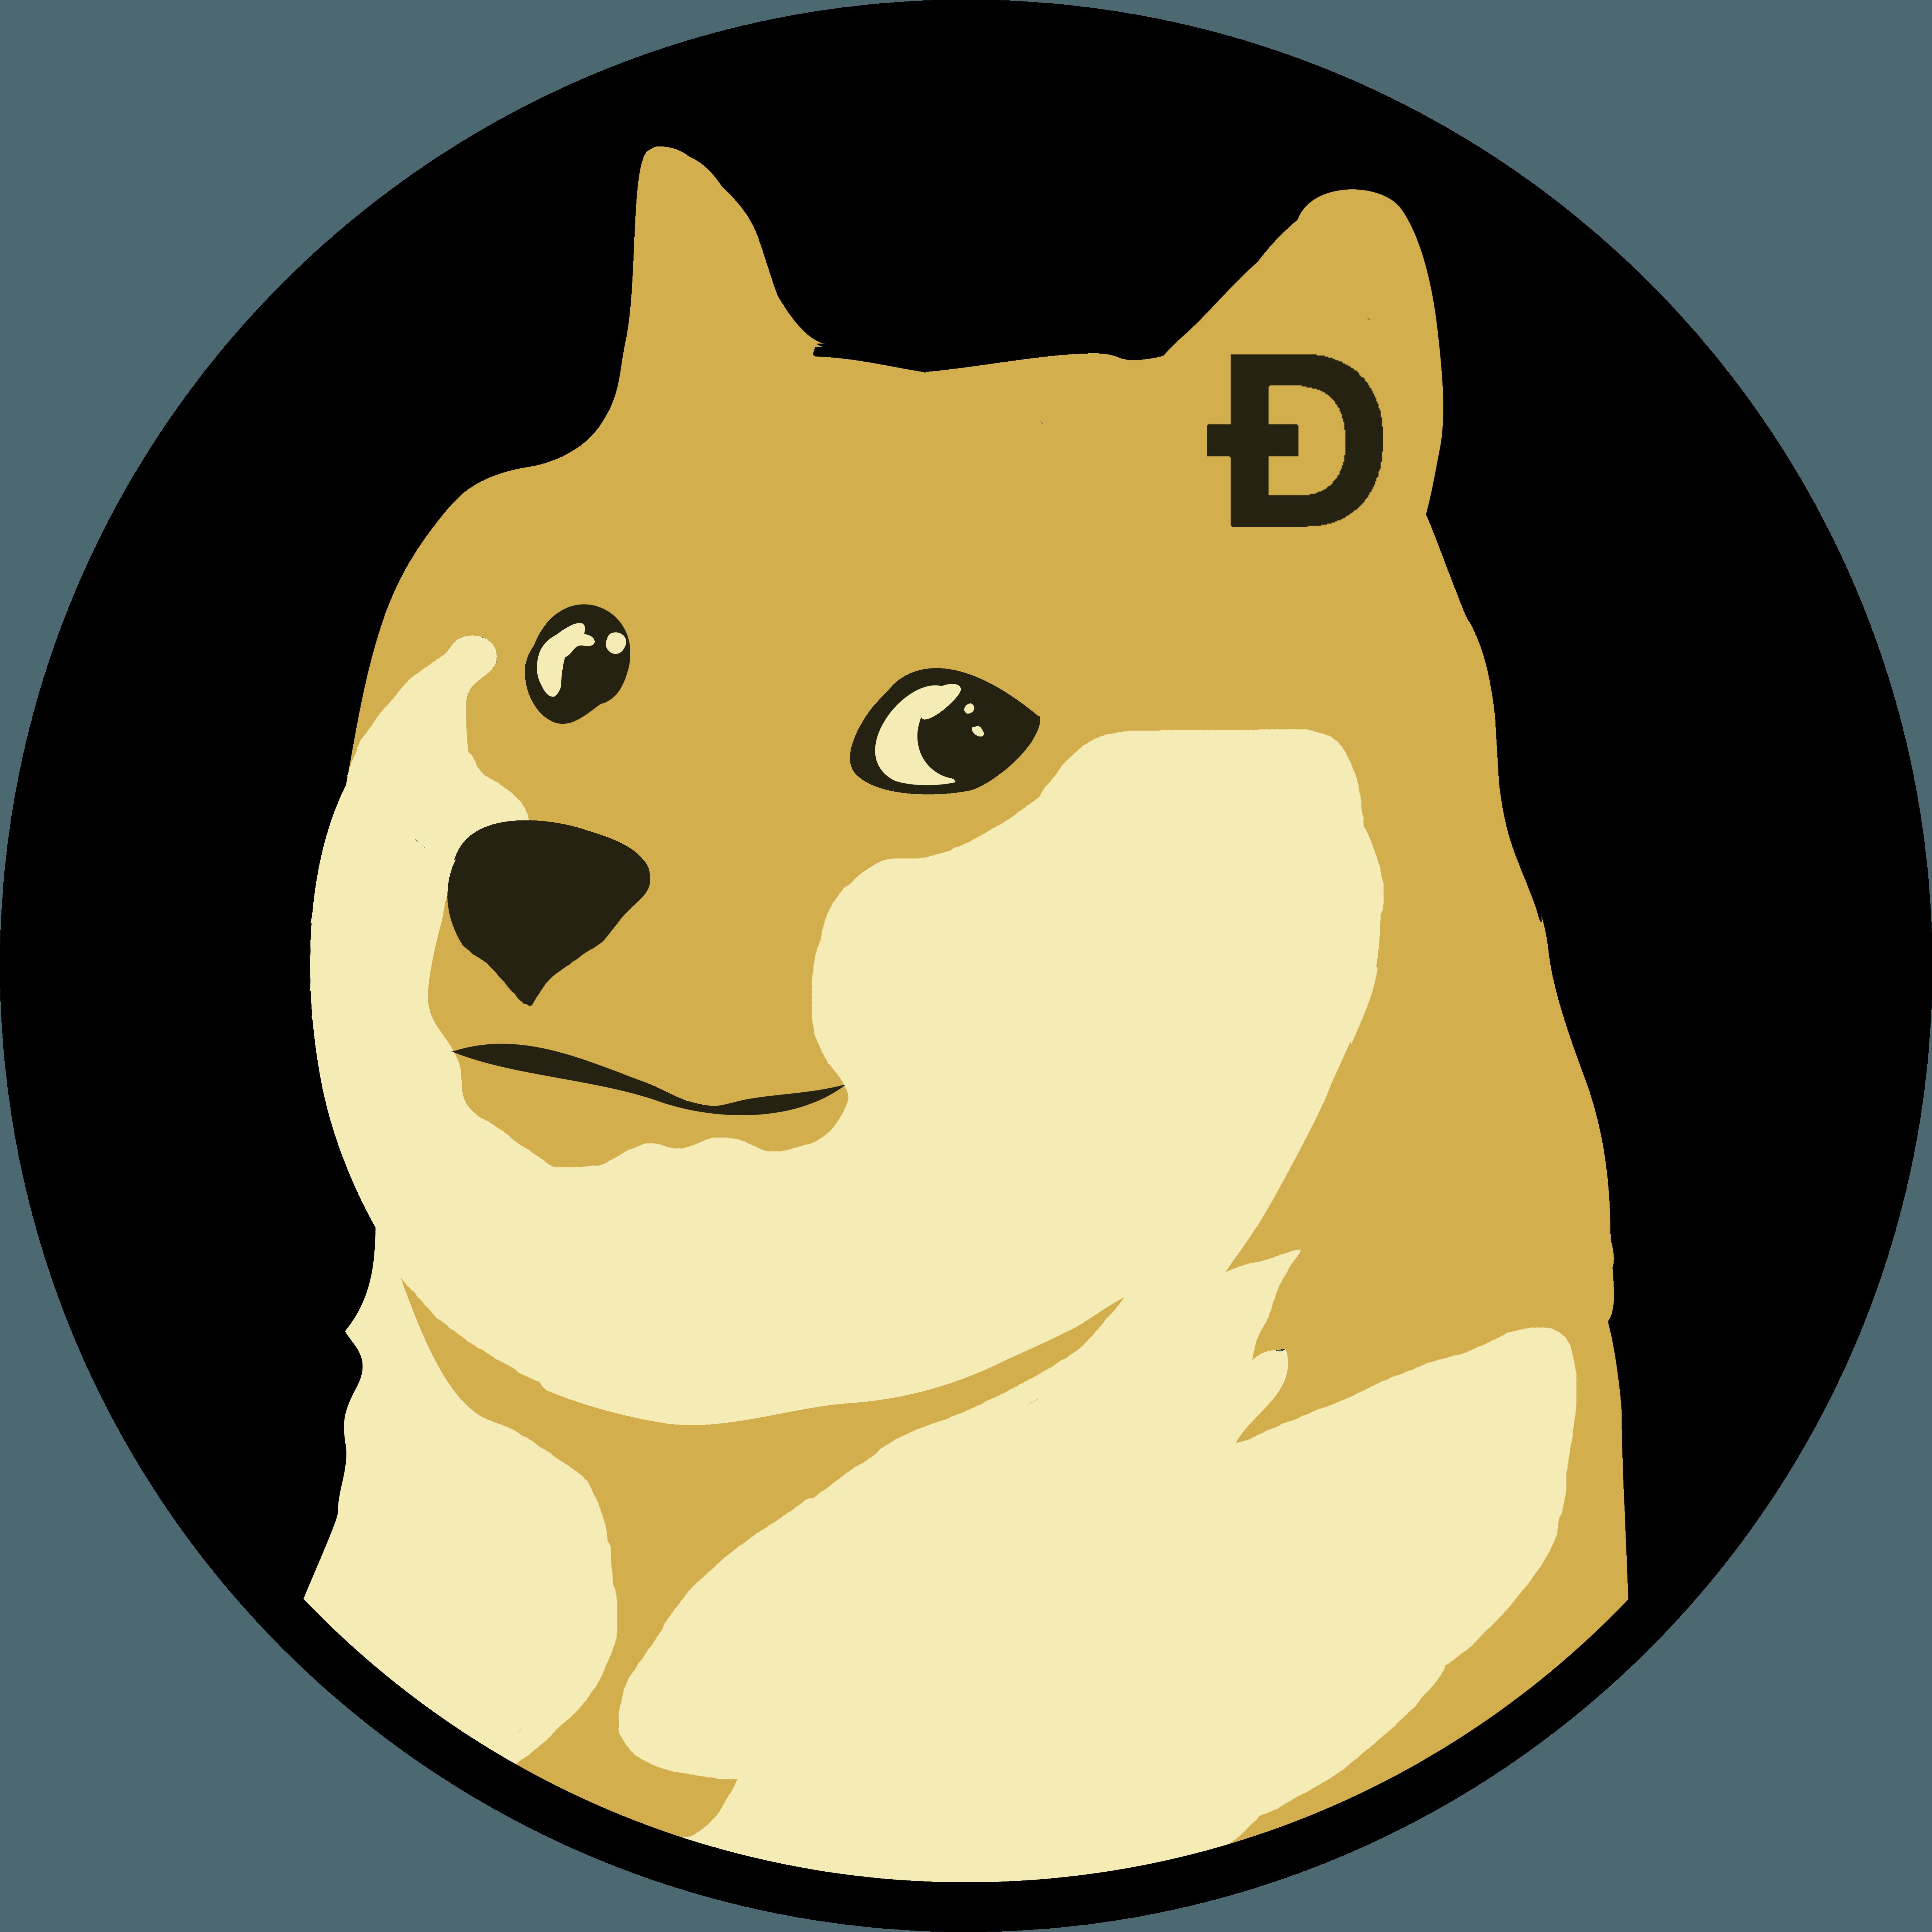 18 Logo Dogecoin Png - Movie Sarlen14